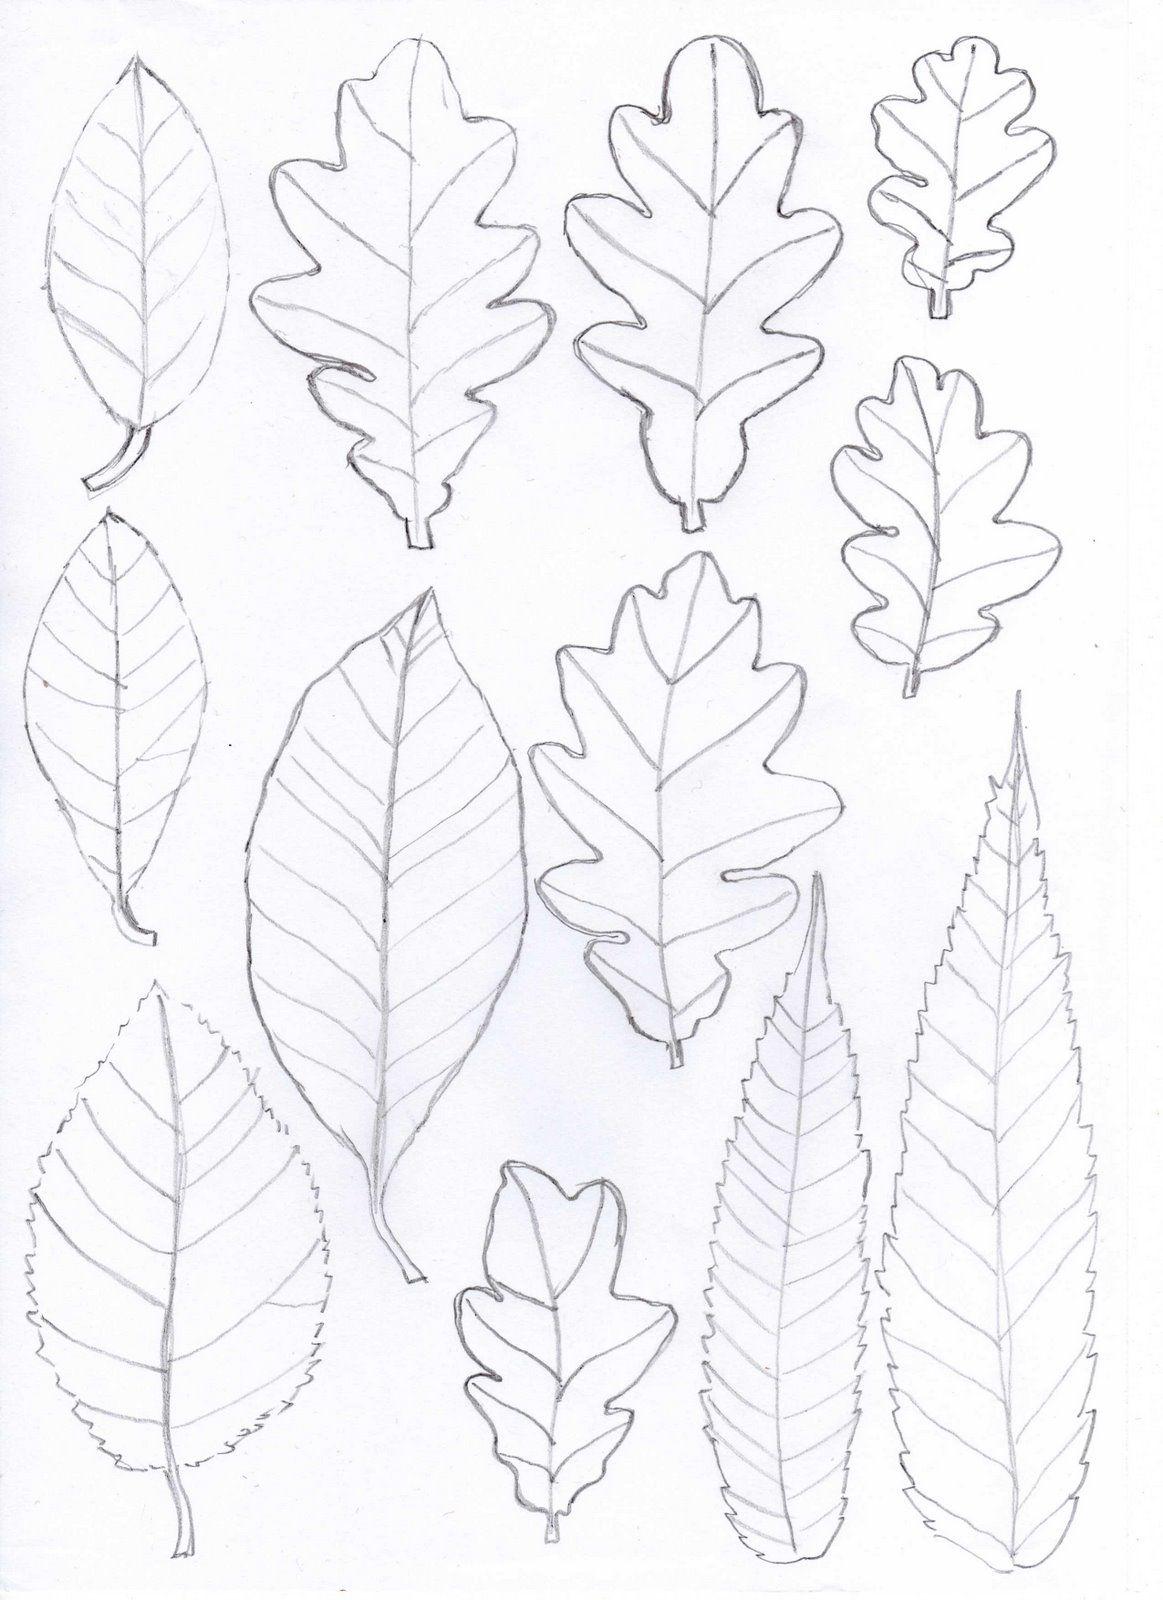 Pin de eonwe en printables   Pinterest   Hoja, Plantillas de papel y ...